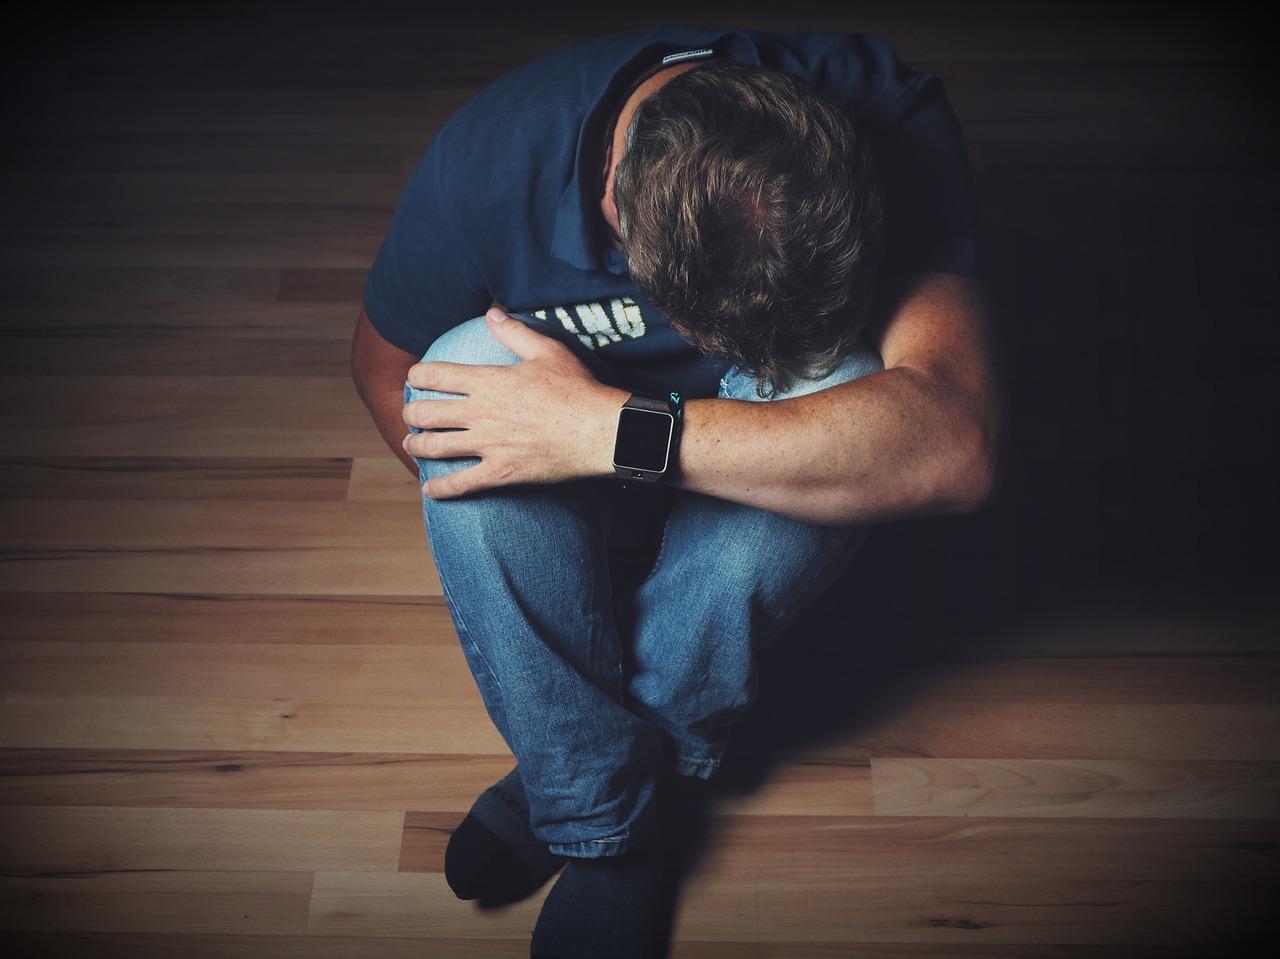 早期緩和ケアクリニック外来の緩和医療専門医(緩和ケア医)大津秀一が解説するがんの痛みはすぐに緩和する必要がある